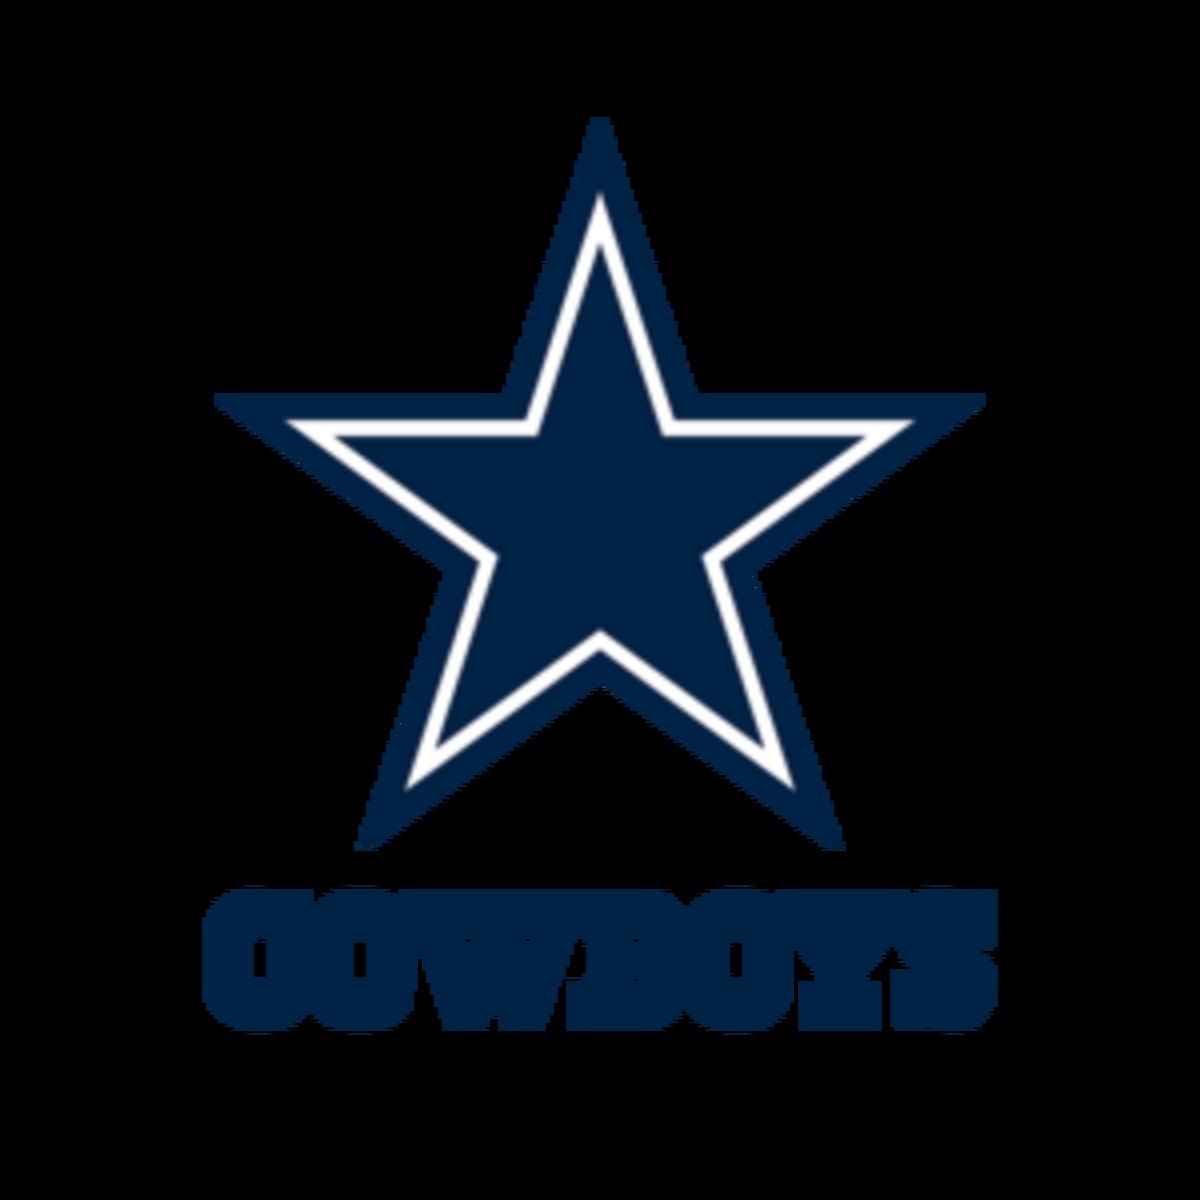 nfl-dallas-cowboys-team-logo-300x300